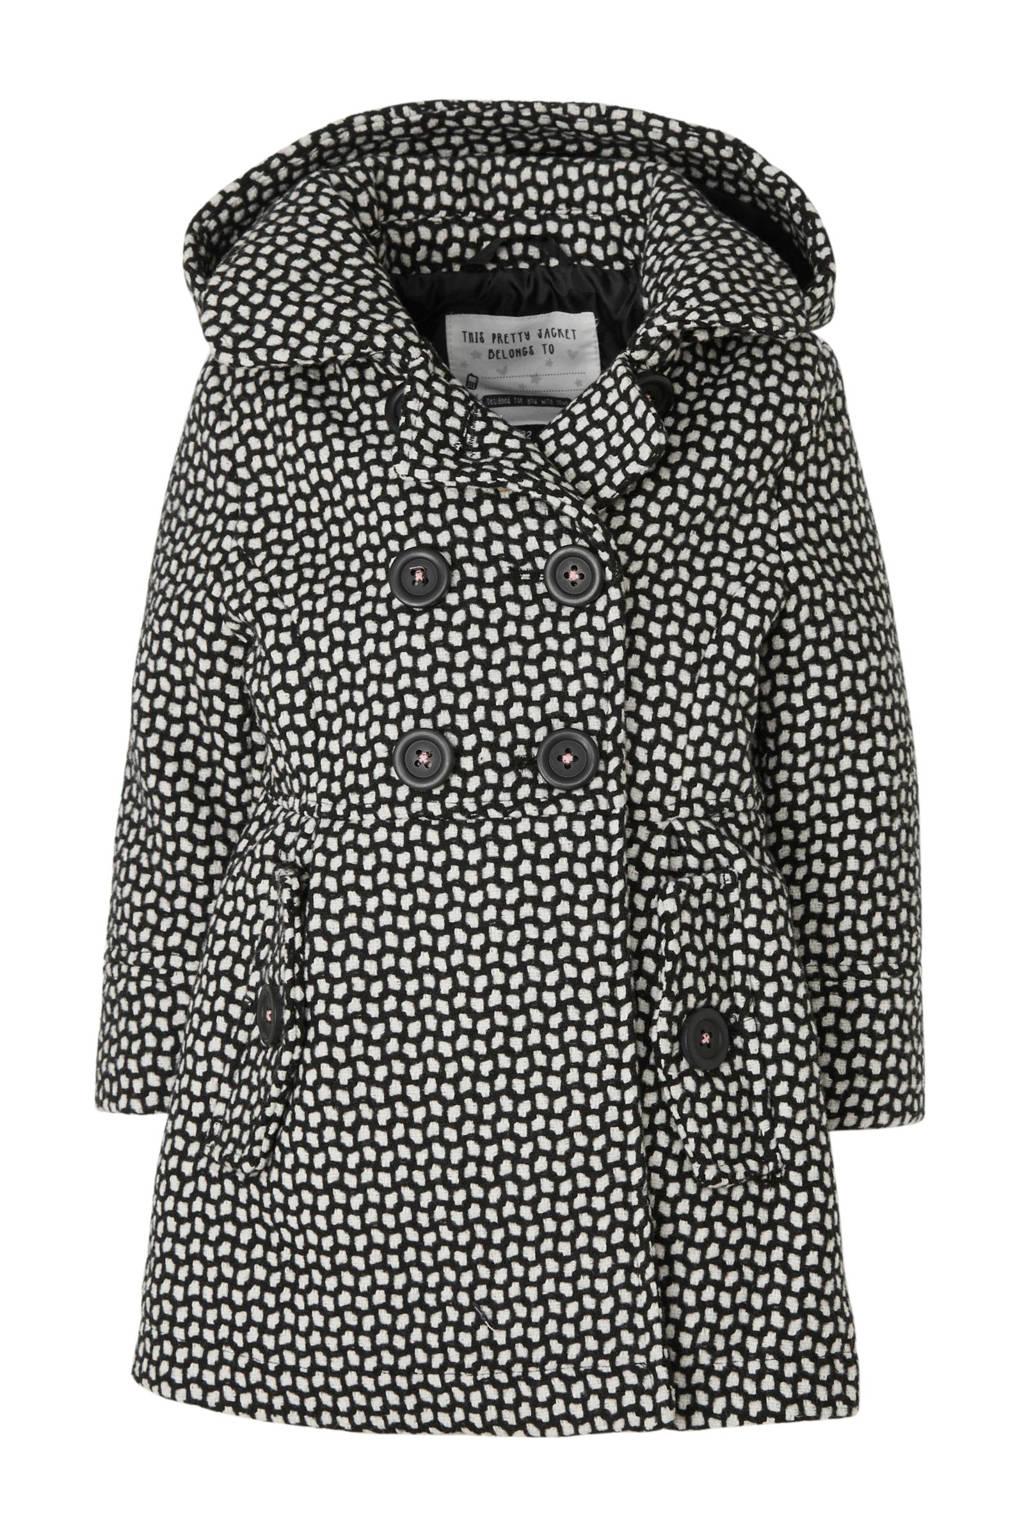 C&A Palomino winterjas met all over print zwart/wit, Zwart/wit